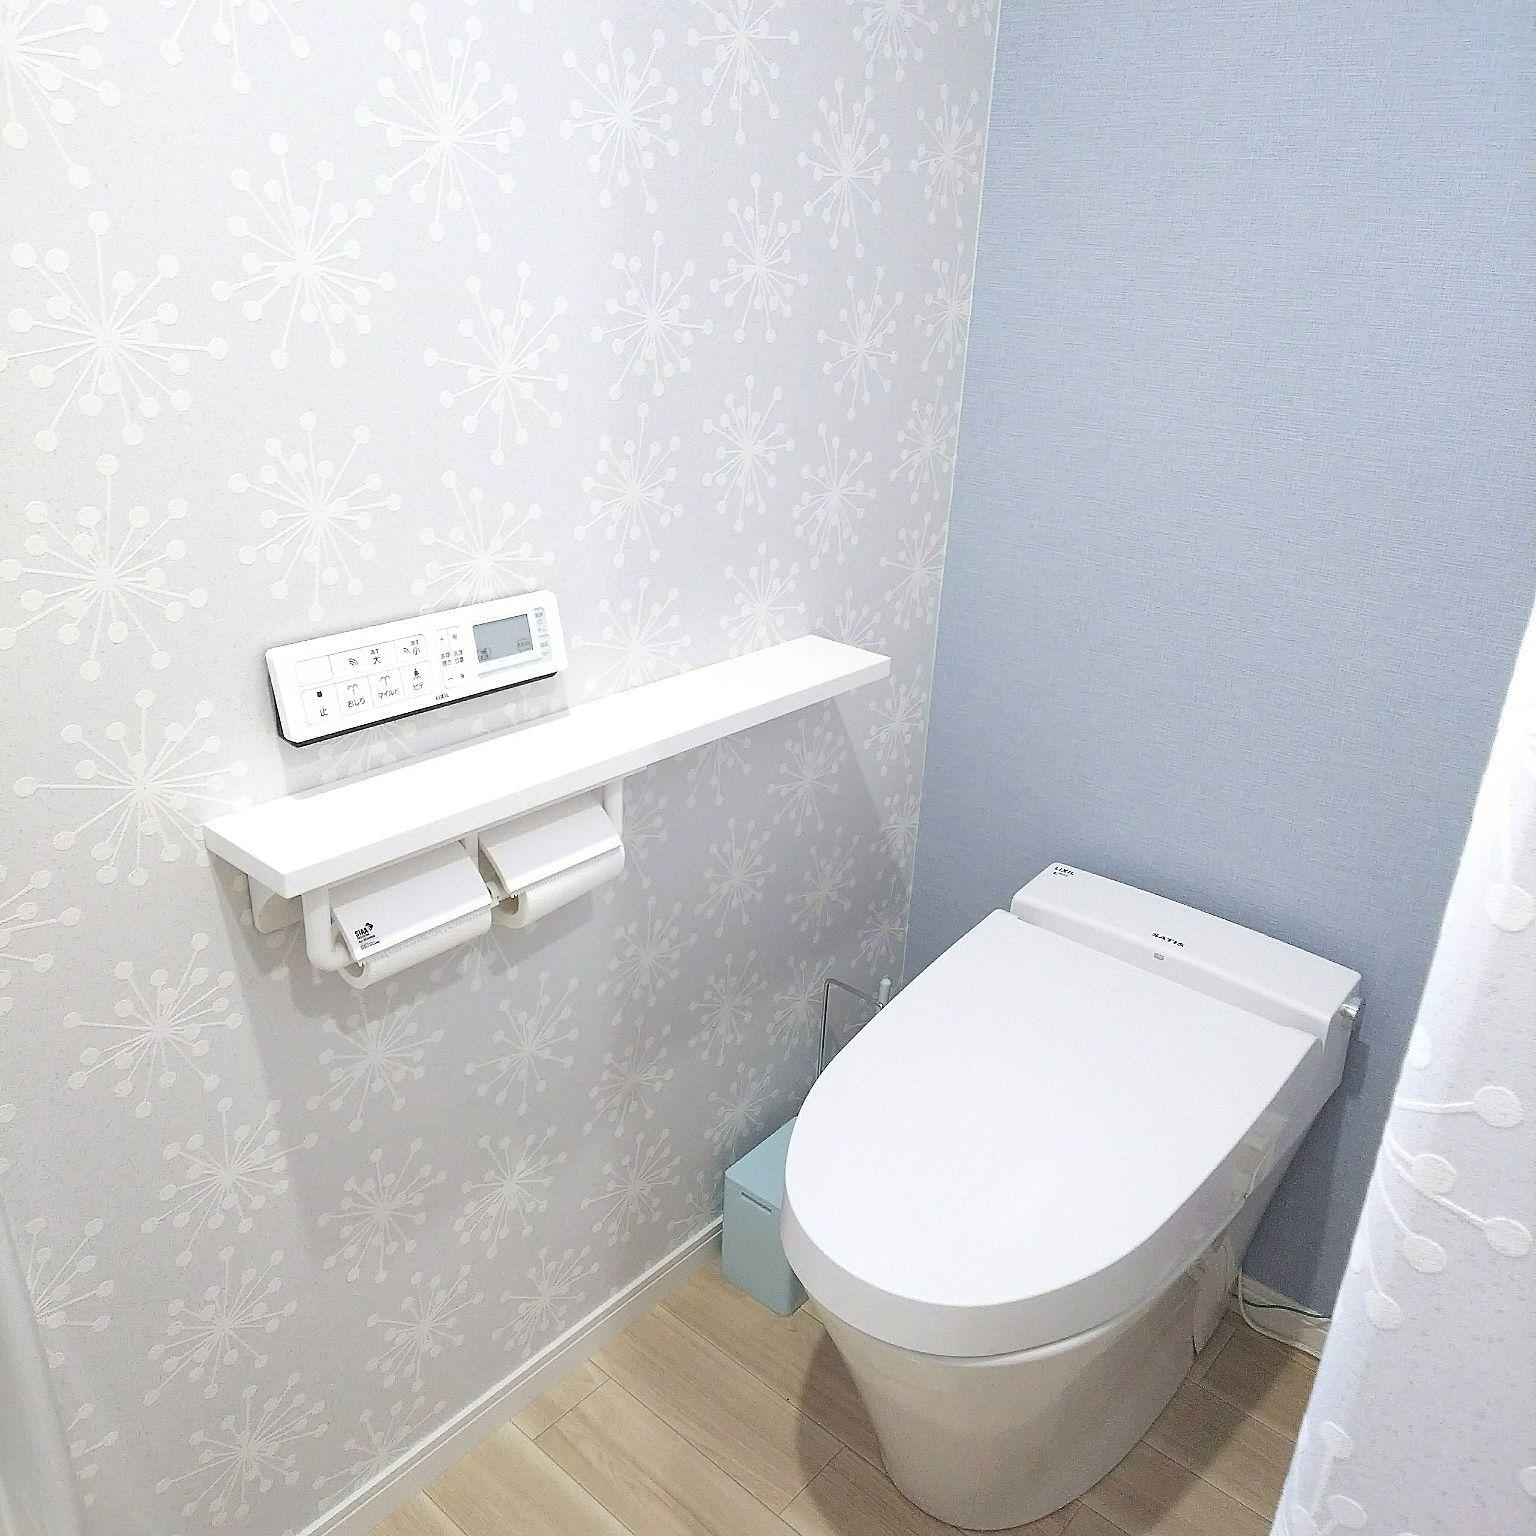 バス トイレ クッションフロア サンゲツ ブルー系 ブルーの壁 などのインテリア実例 18 01 25 16 21 Roomclip ルームクリップ サンゲツ クッションフロア トイレ クッションフロア トイレのアイデア